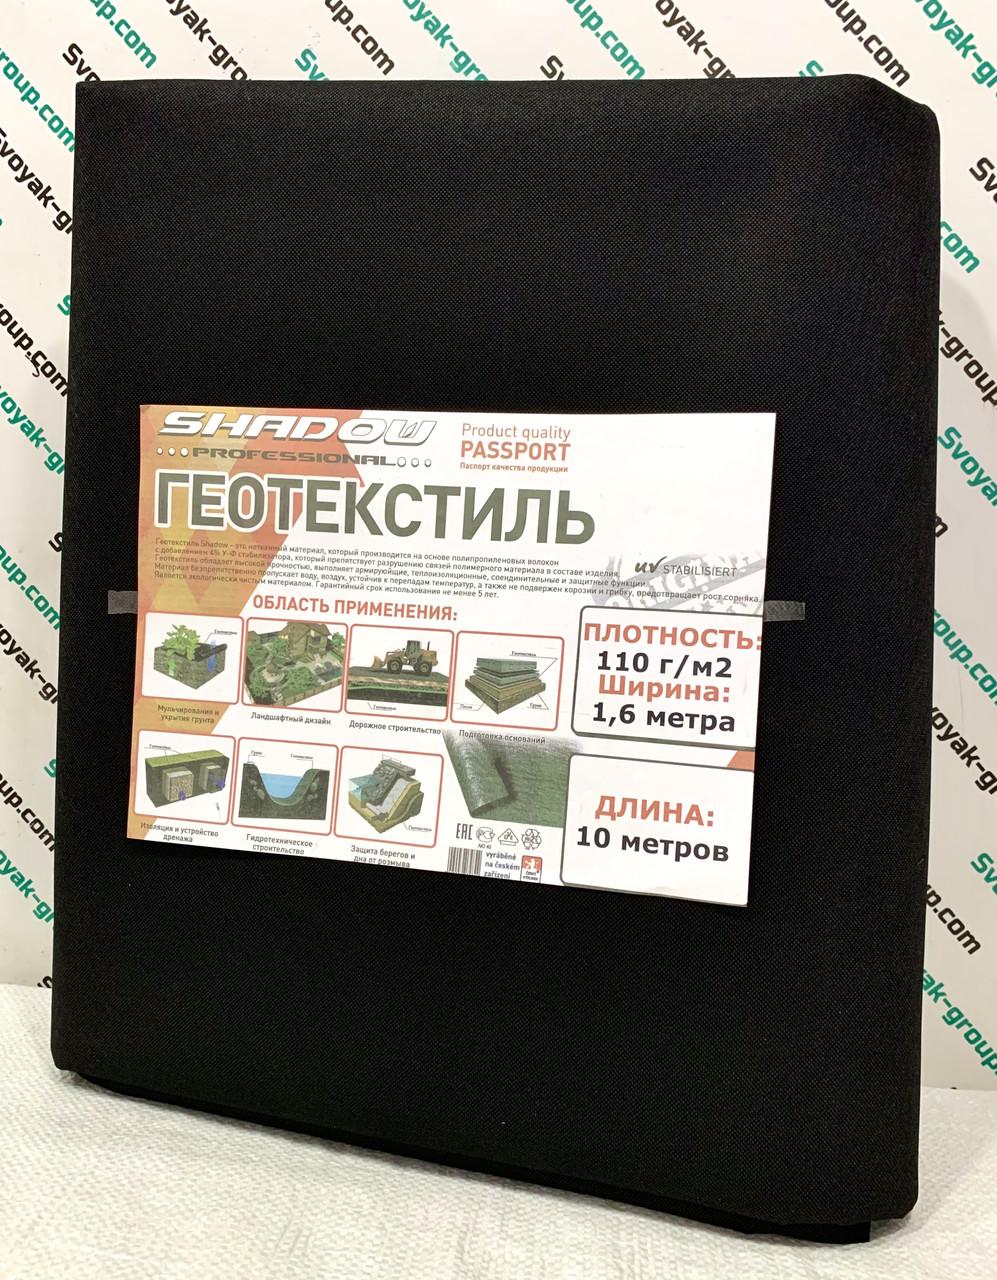 Геотекстиль на метраж черный 110 г\м2 (3,2х10 м).Для мульчирования почвы